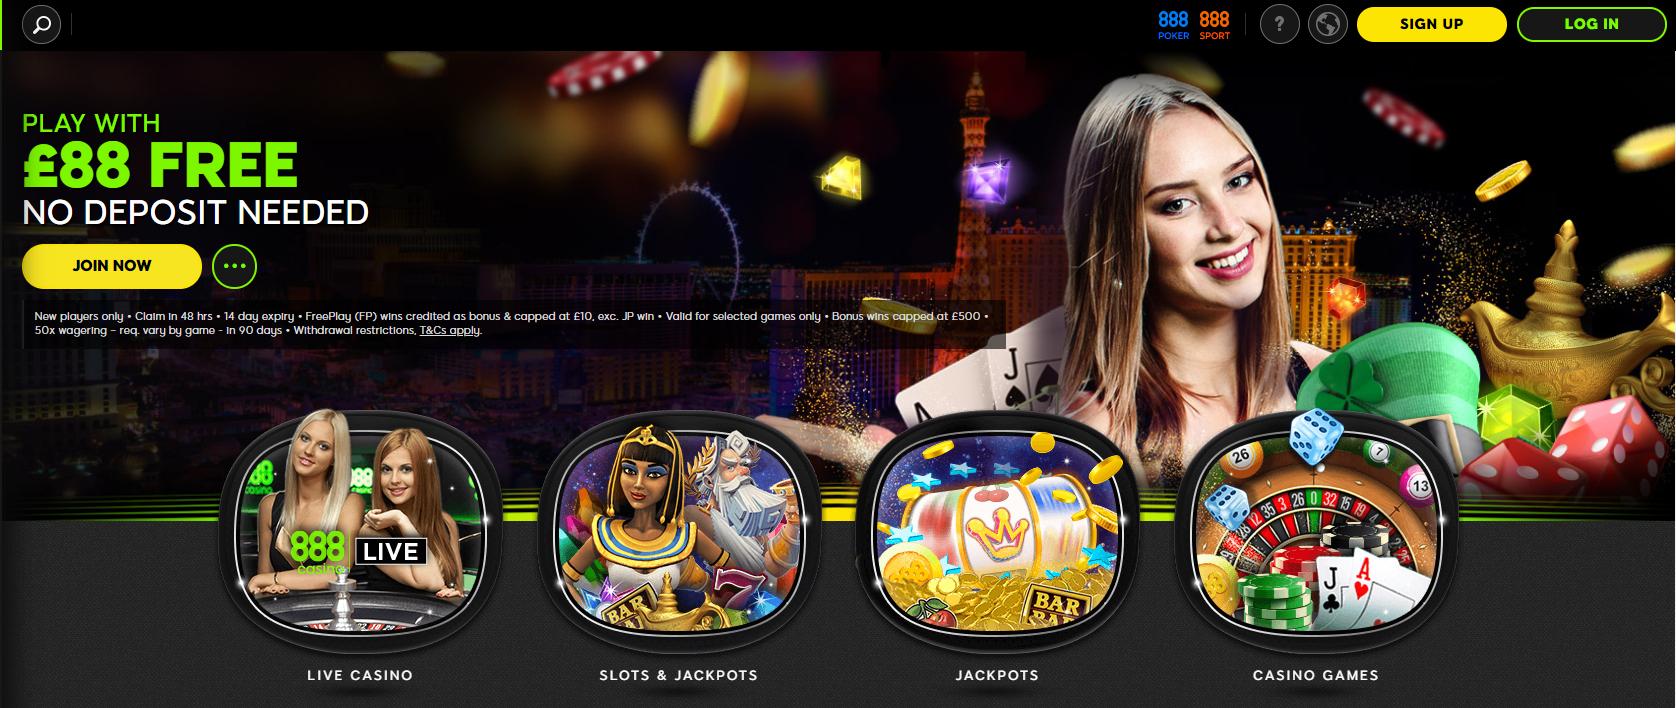 888Casino-homepage